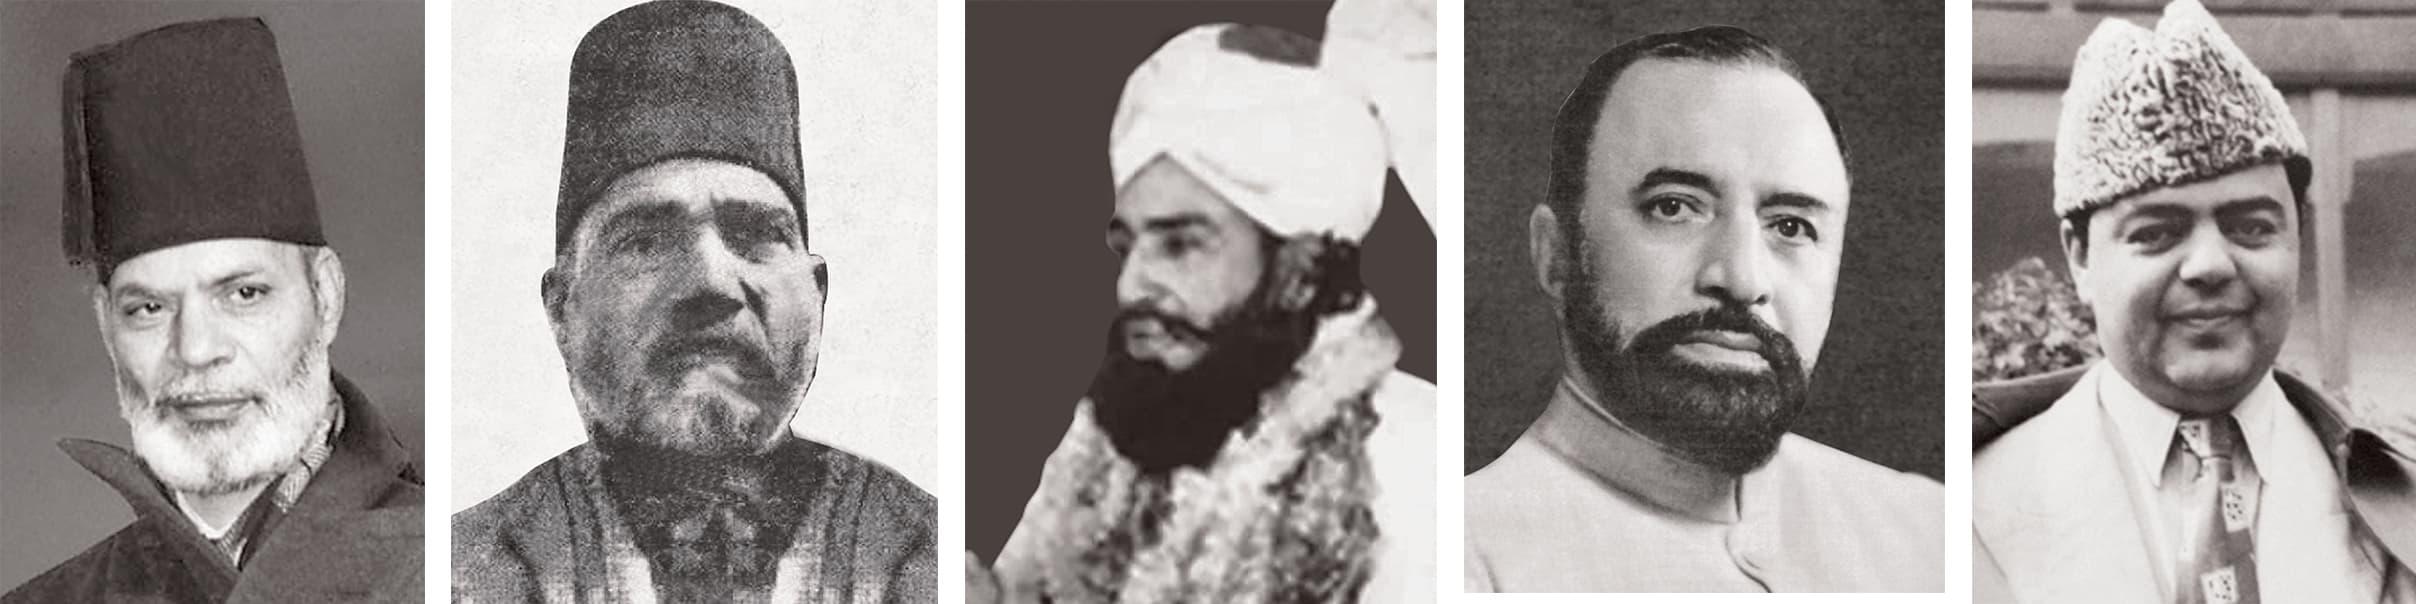 Sir Zafarullah Khan, Maulana Zafar Ali Khan, Maulana Abdul Ghafoor Hazarvi, Haji Abdullah Haroon and Qazi Isa. — Dawn/White Star Archives & Seafield Archives